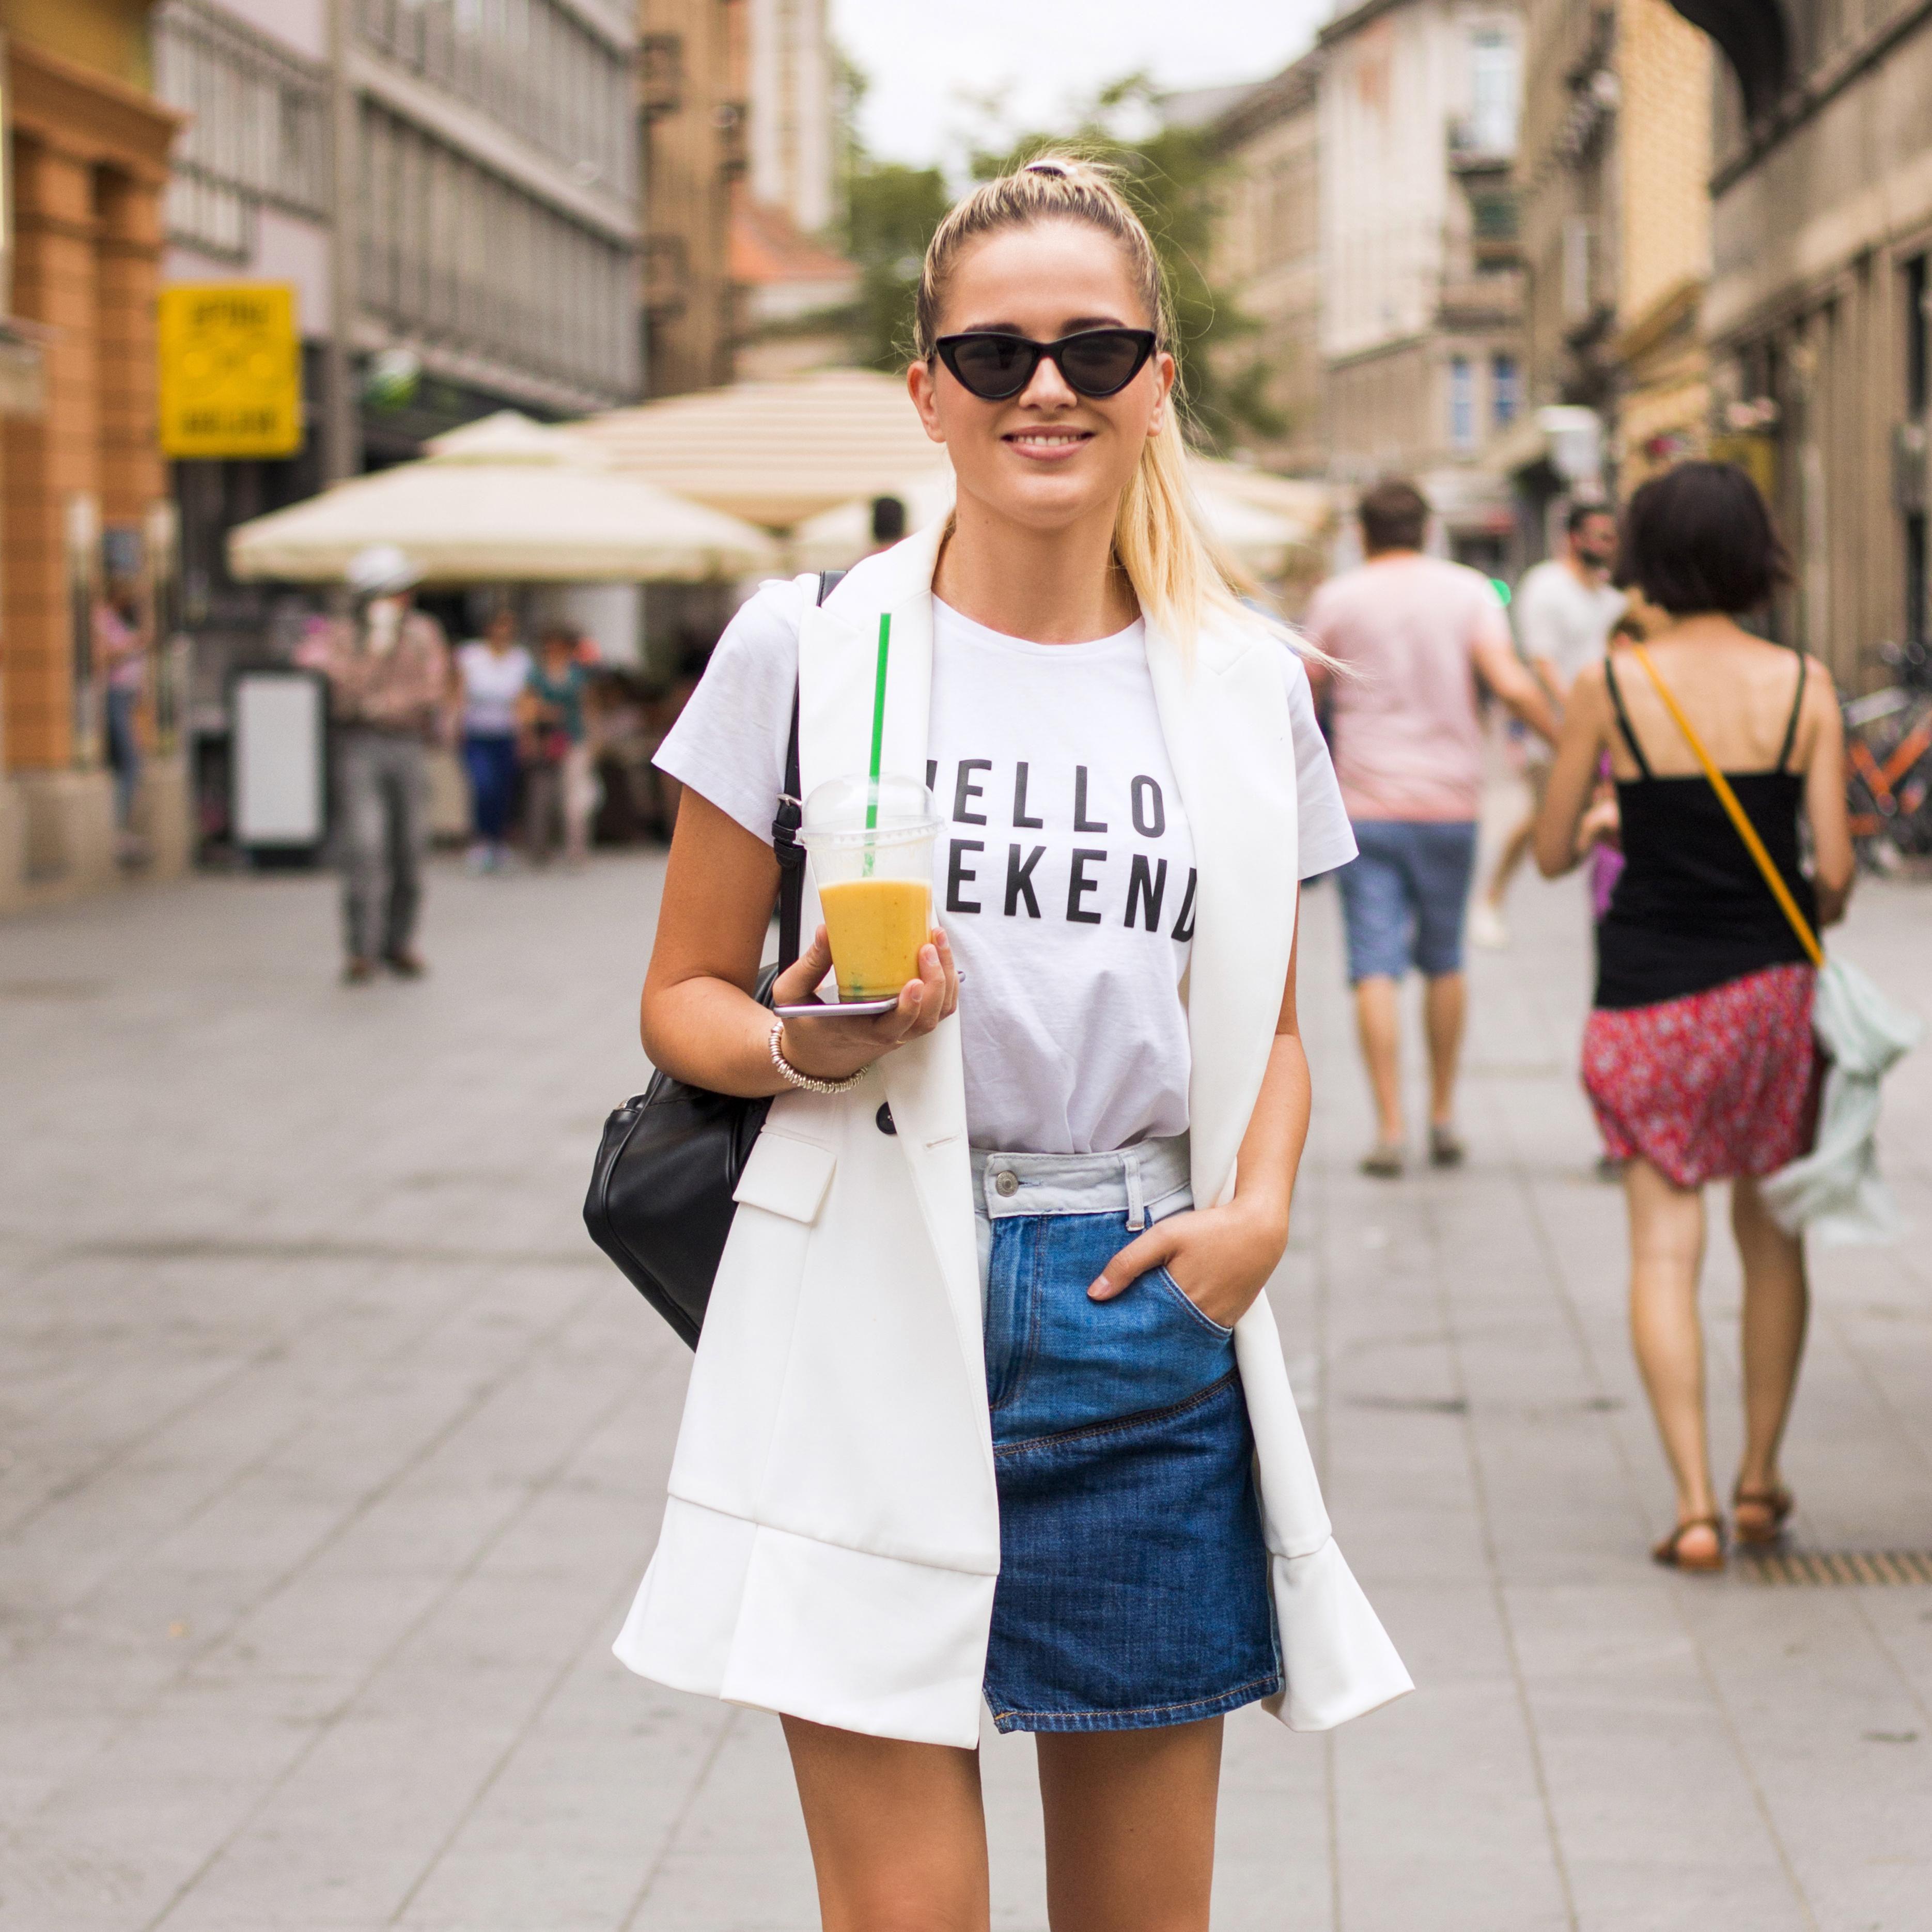 Ona i preko ljeta nosi popularne Balenciaga gležnjače koje obožavamo!